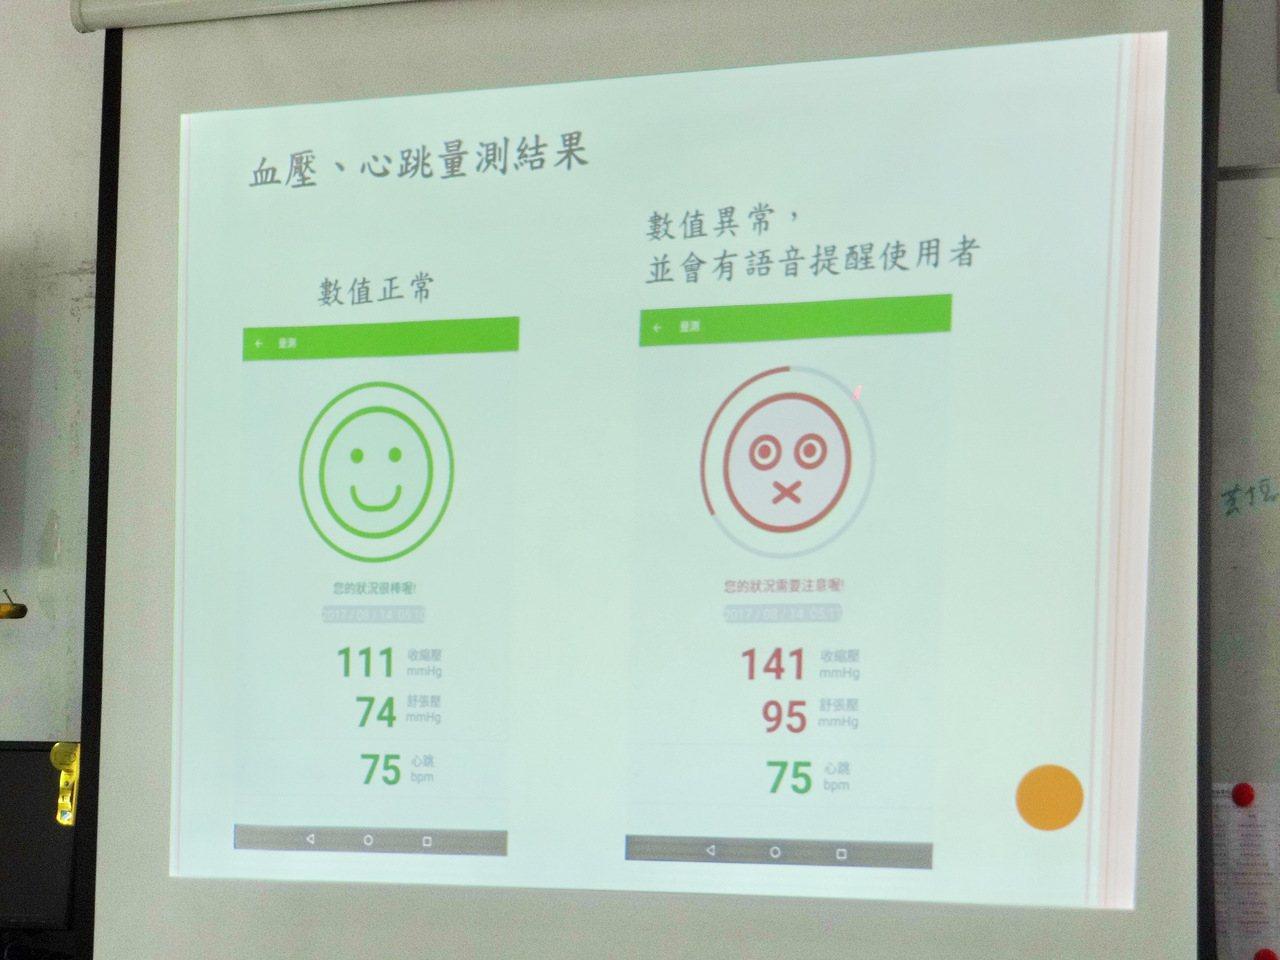 老人家量完血壓,透過手機APP馬上會秀出笑臉或哭臉,並提醒老人是否該就醫了,多數...